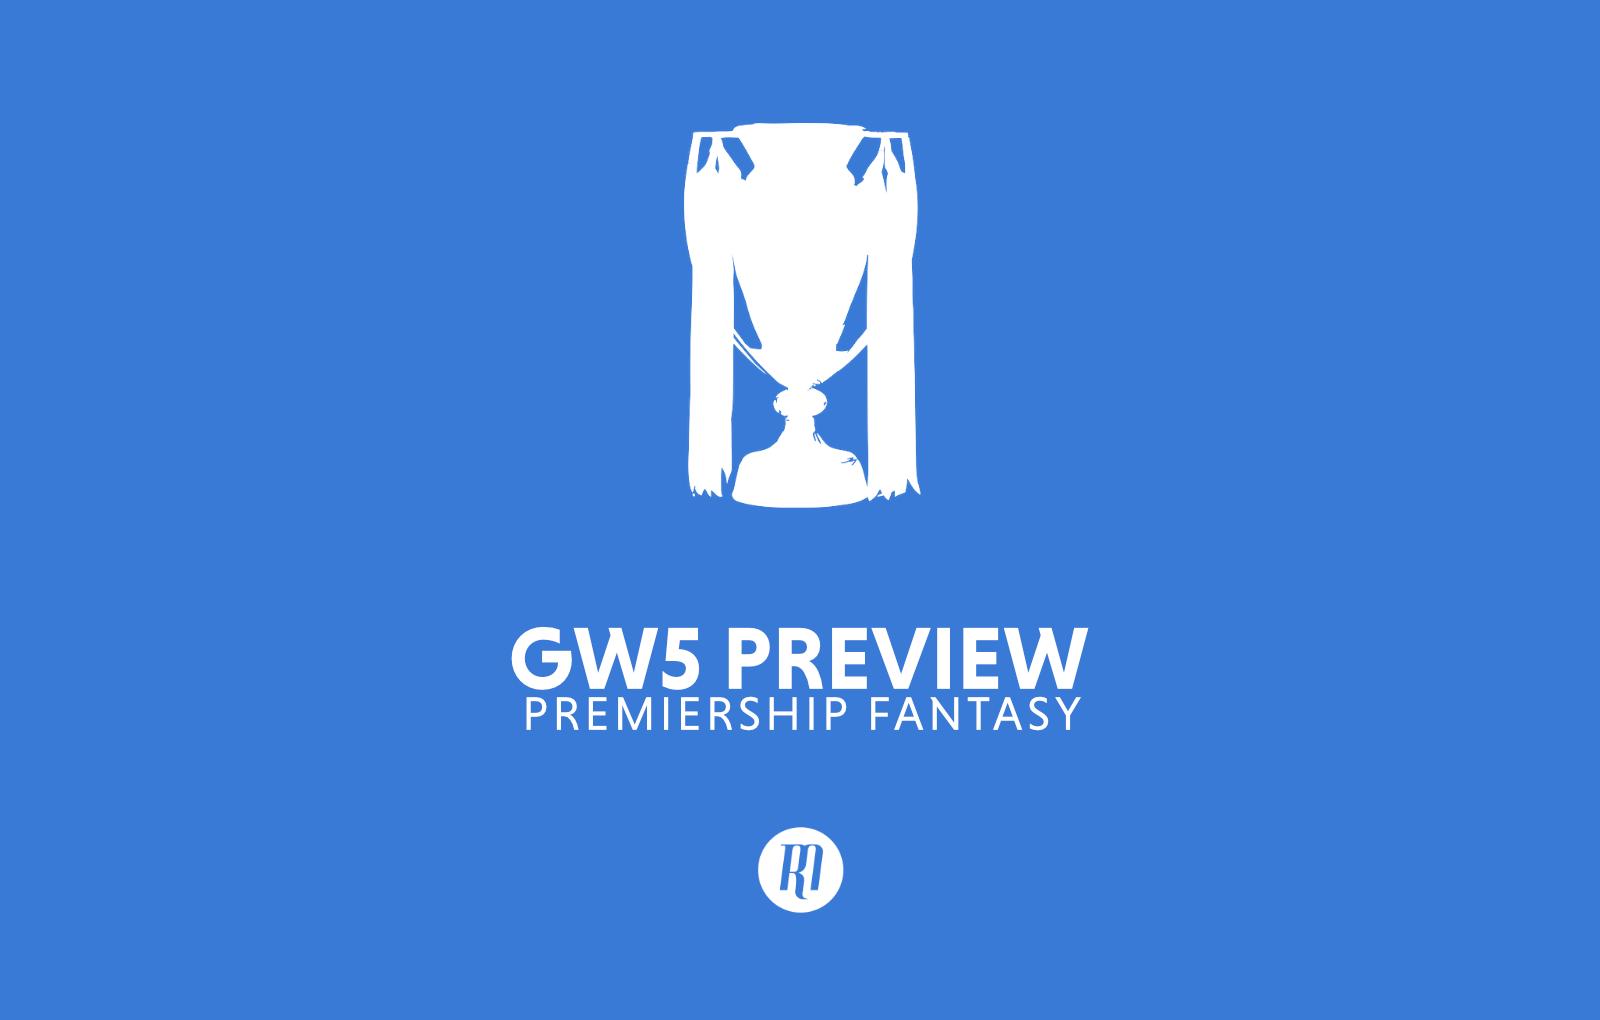 Fantasy Rugby: Premiership Gameweek 5 Preview